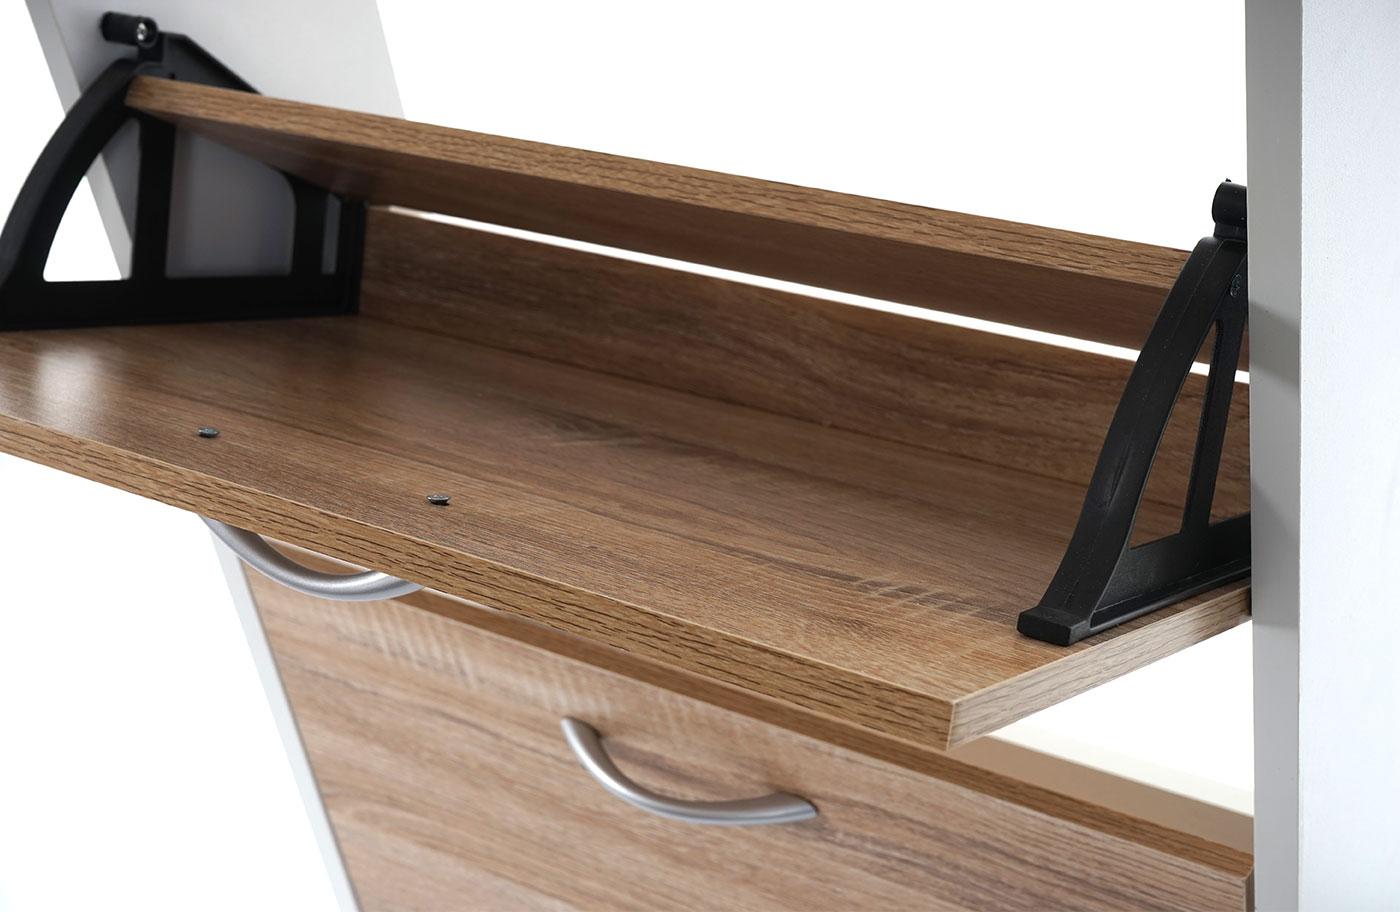 Scarpiera salvaspazio t363 5 scomparti 17x51x170cm for Staffe per mensole richiudibili